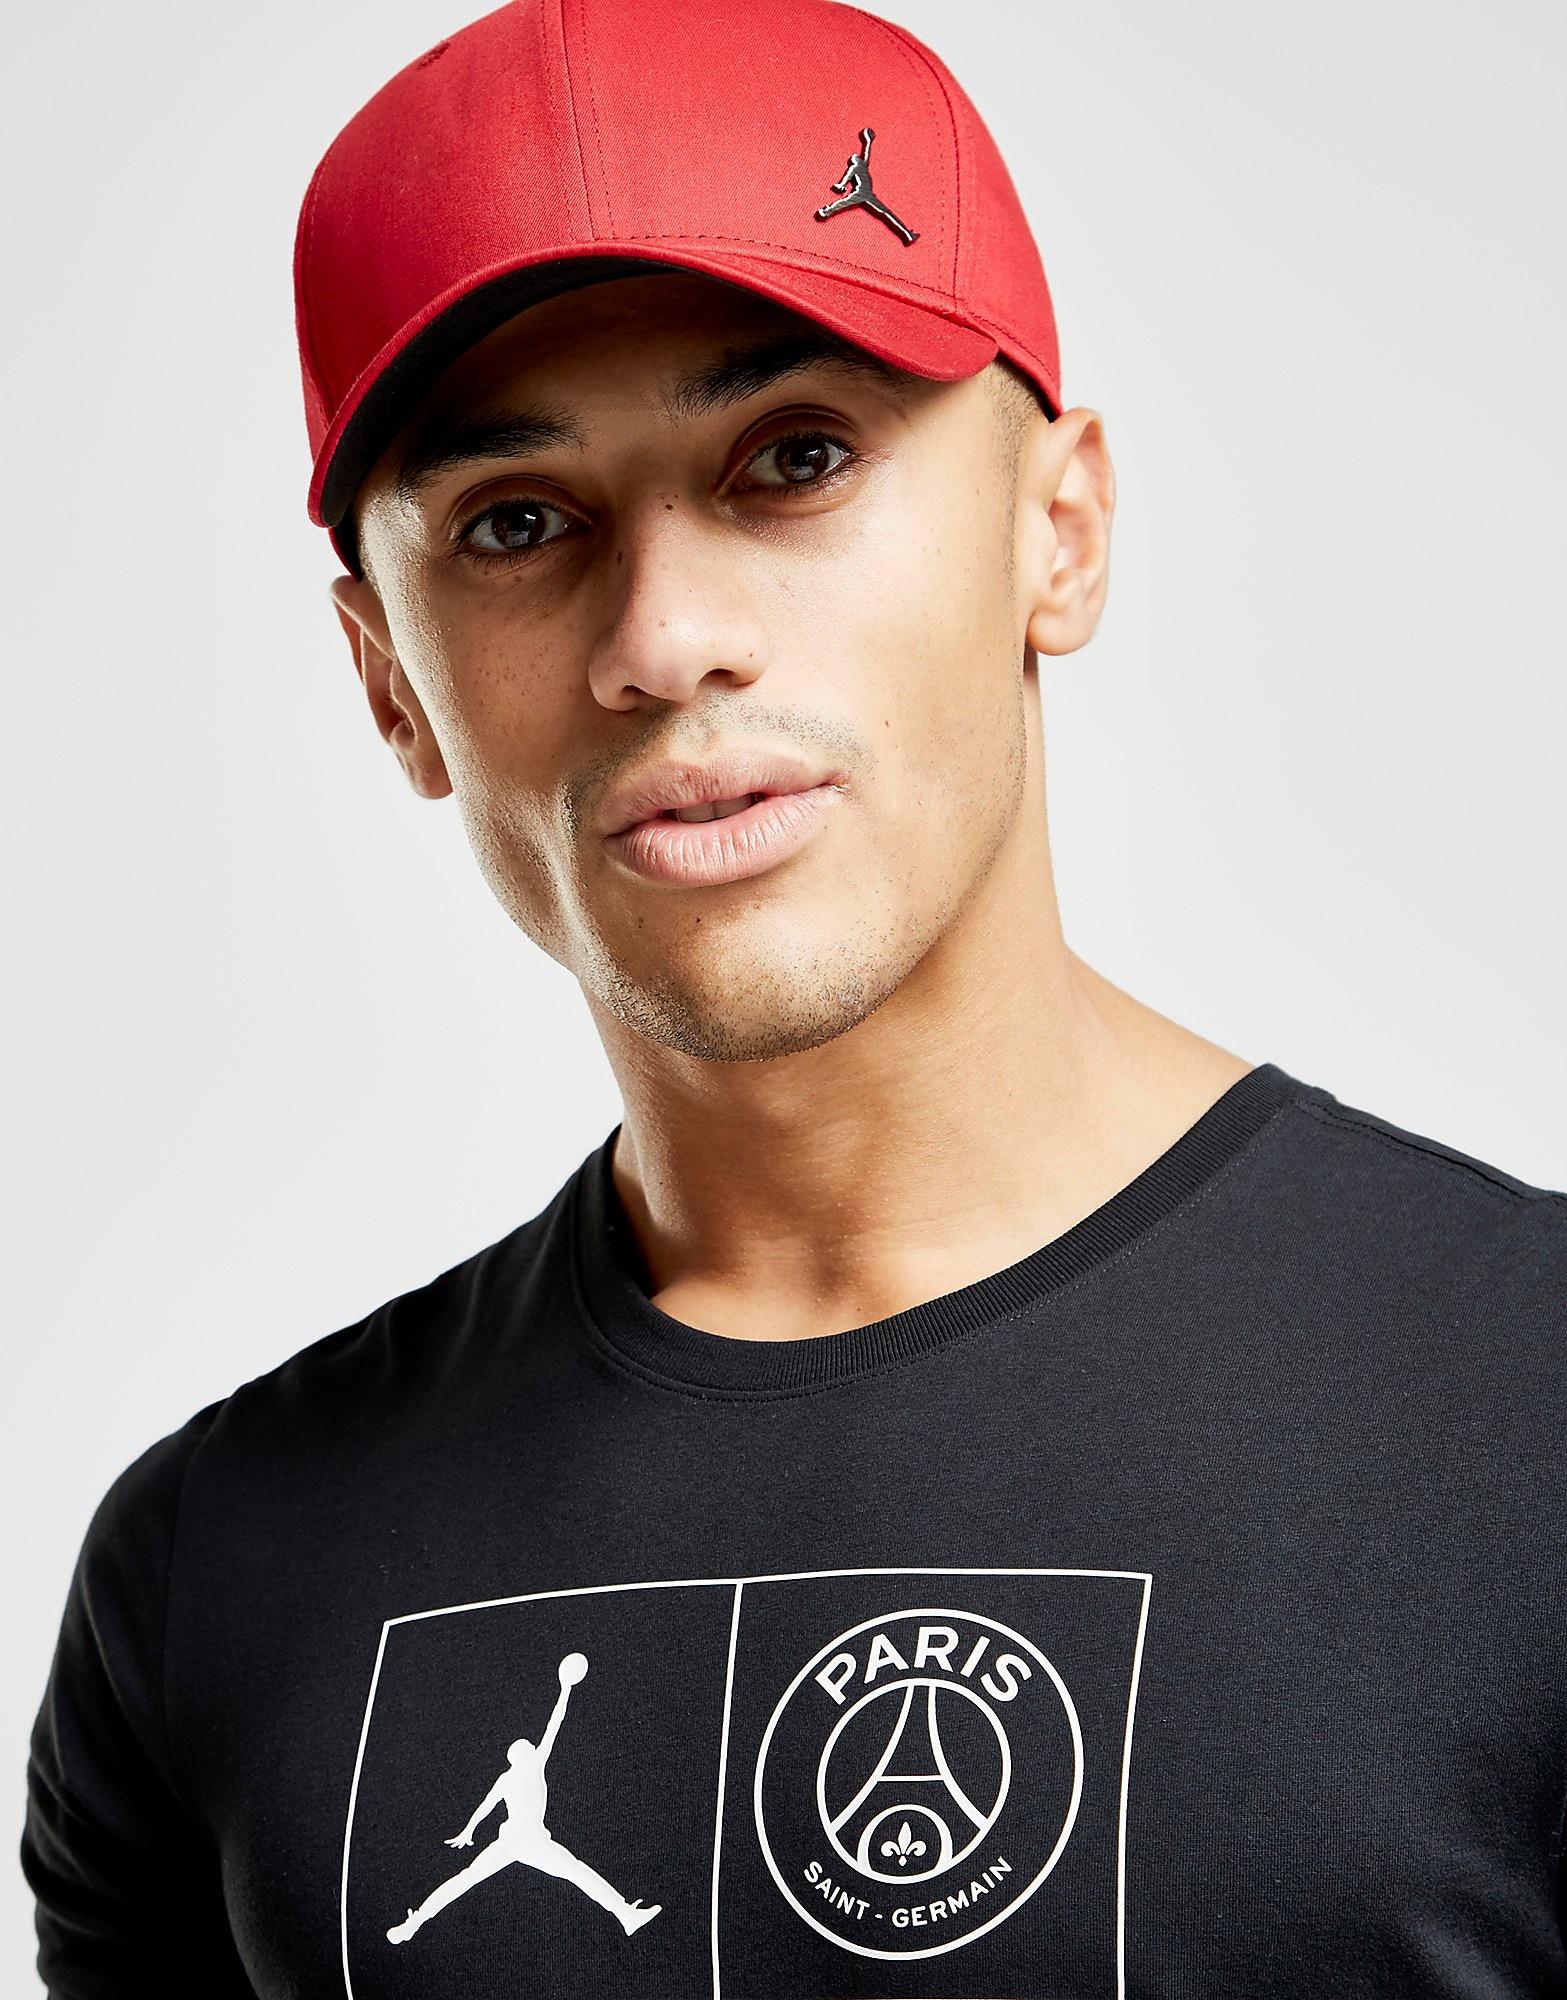 Jordan Metallic Jumpman Cap - Rood - Heren